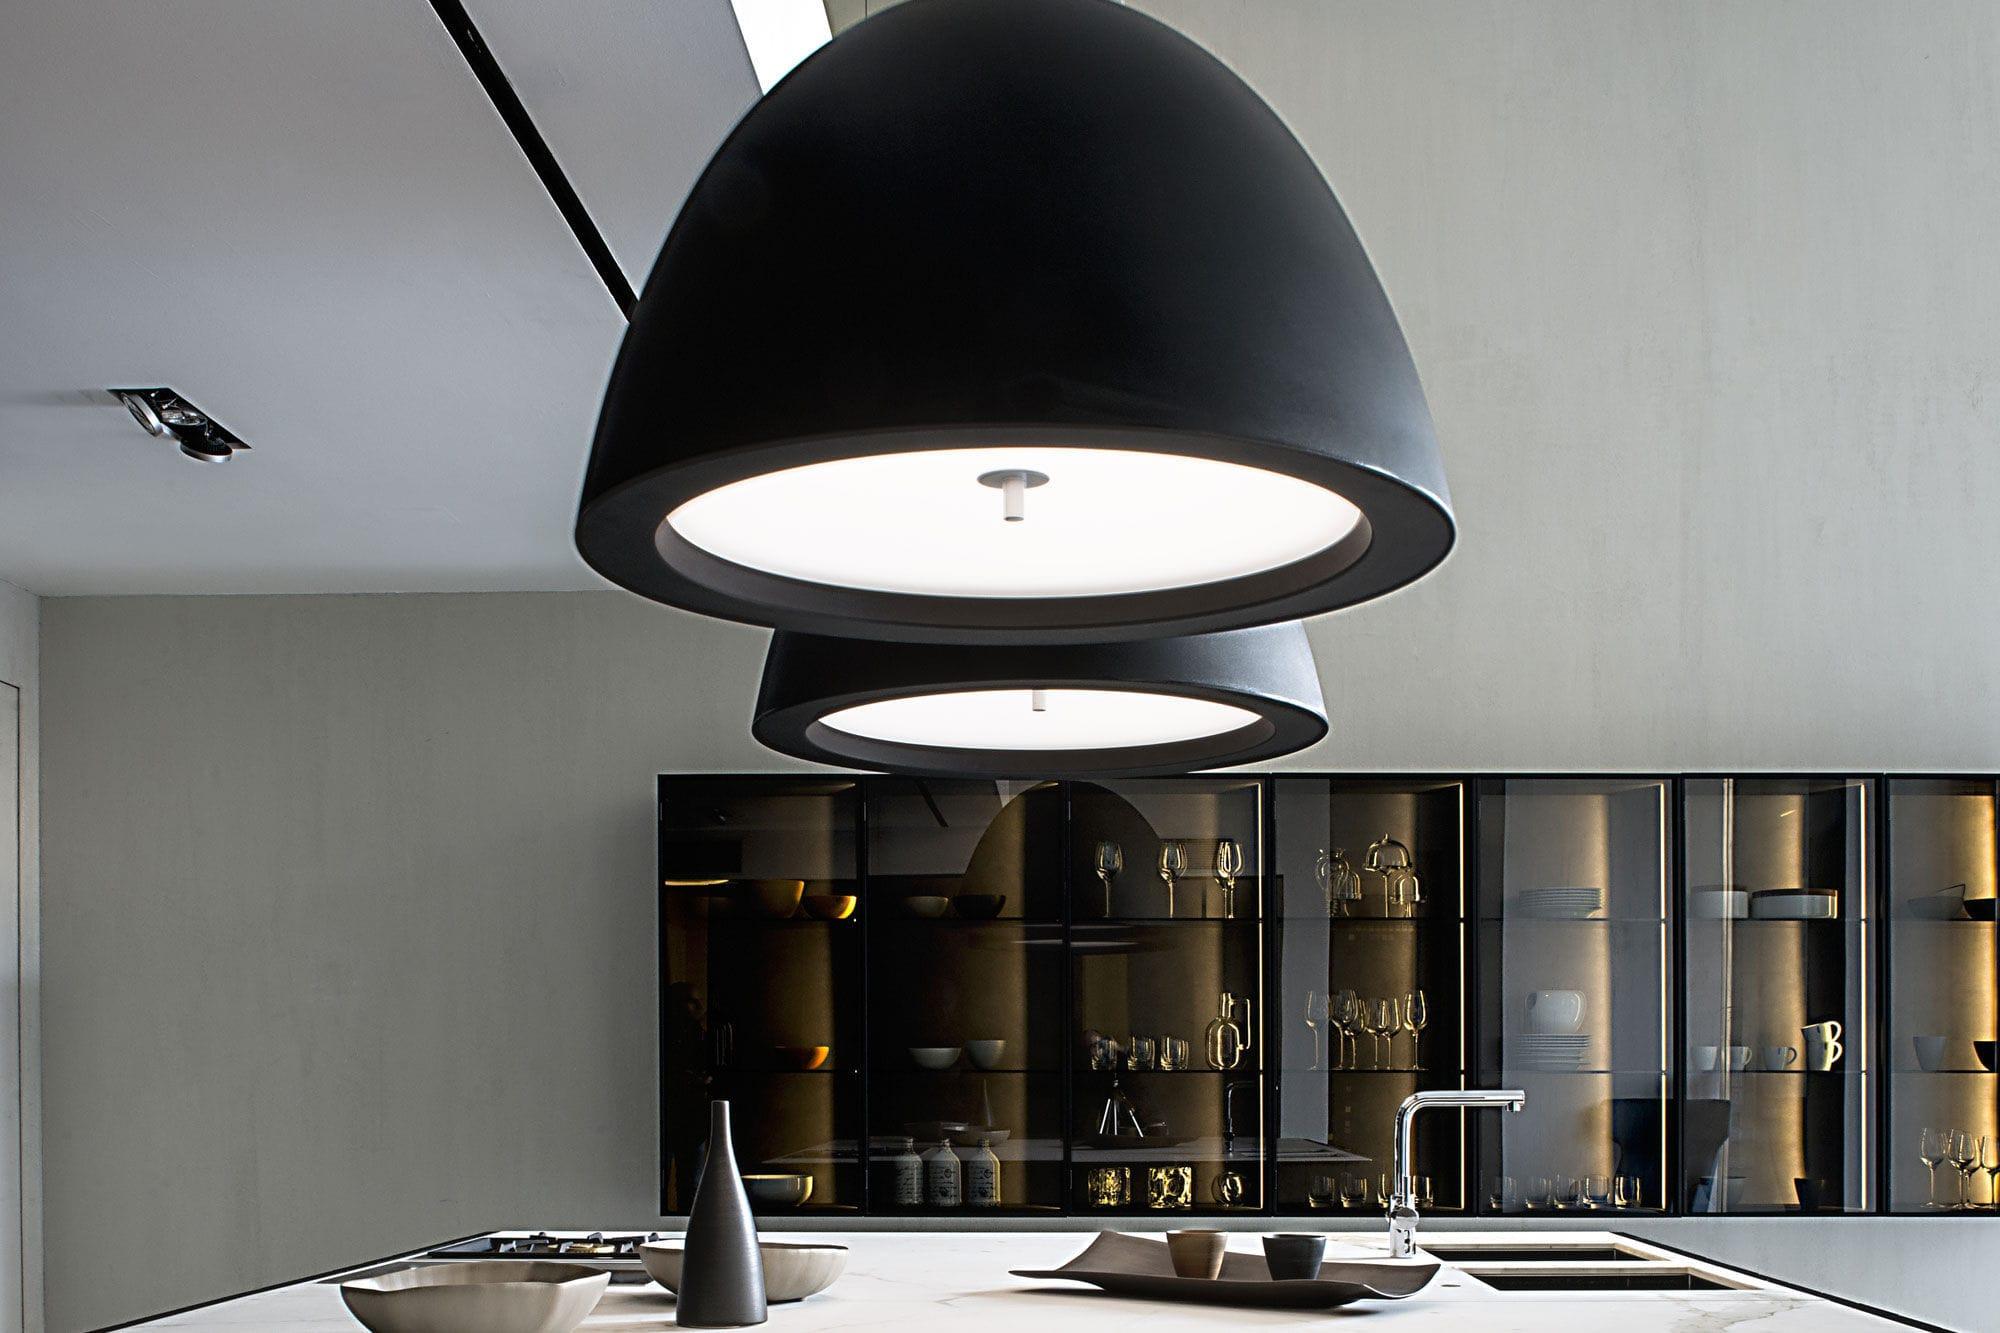 Lampade In Vetro Soffiato : Lampada a sospensione moderna in alluminio in vetro soffiato